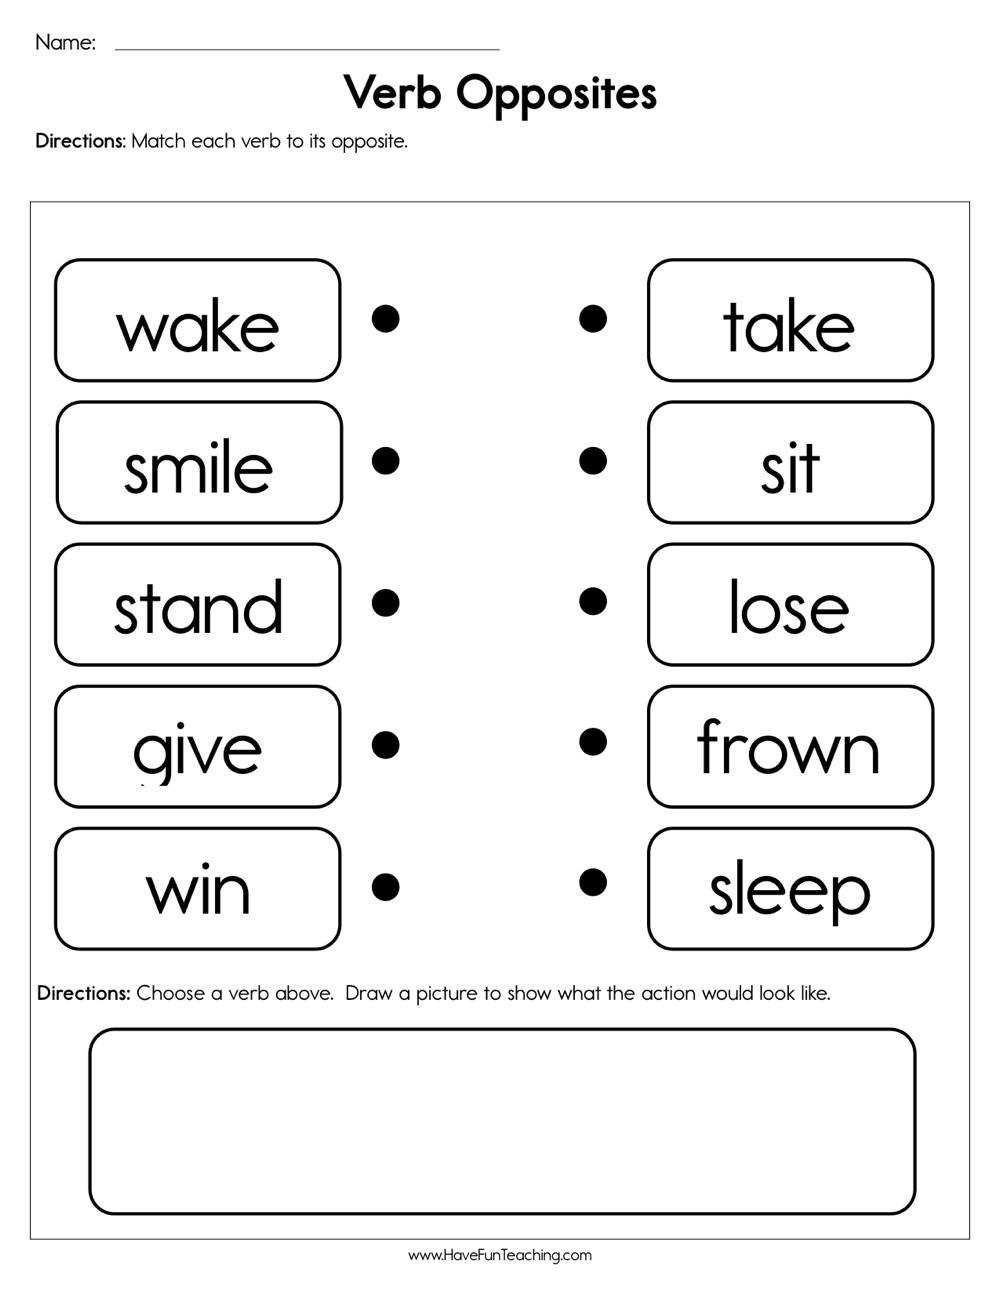 Opposites Worksheet for Preschool Verb Opposites Worksheet